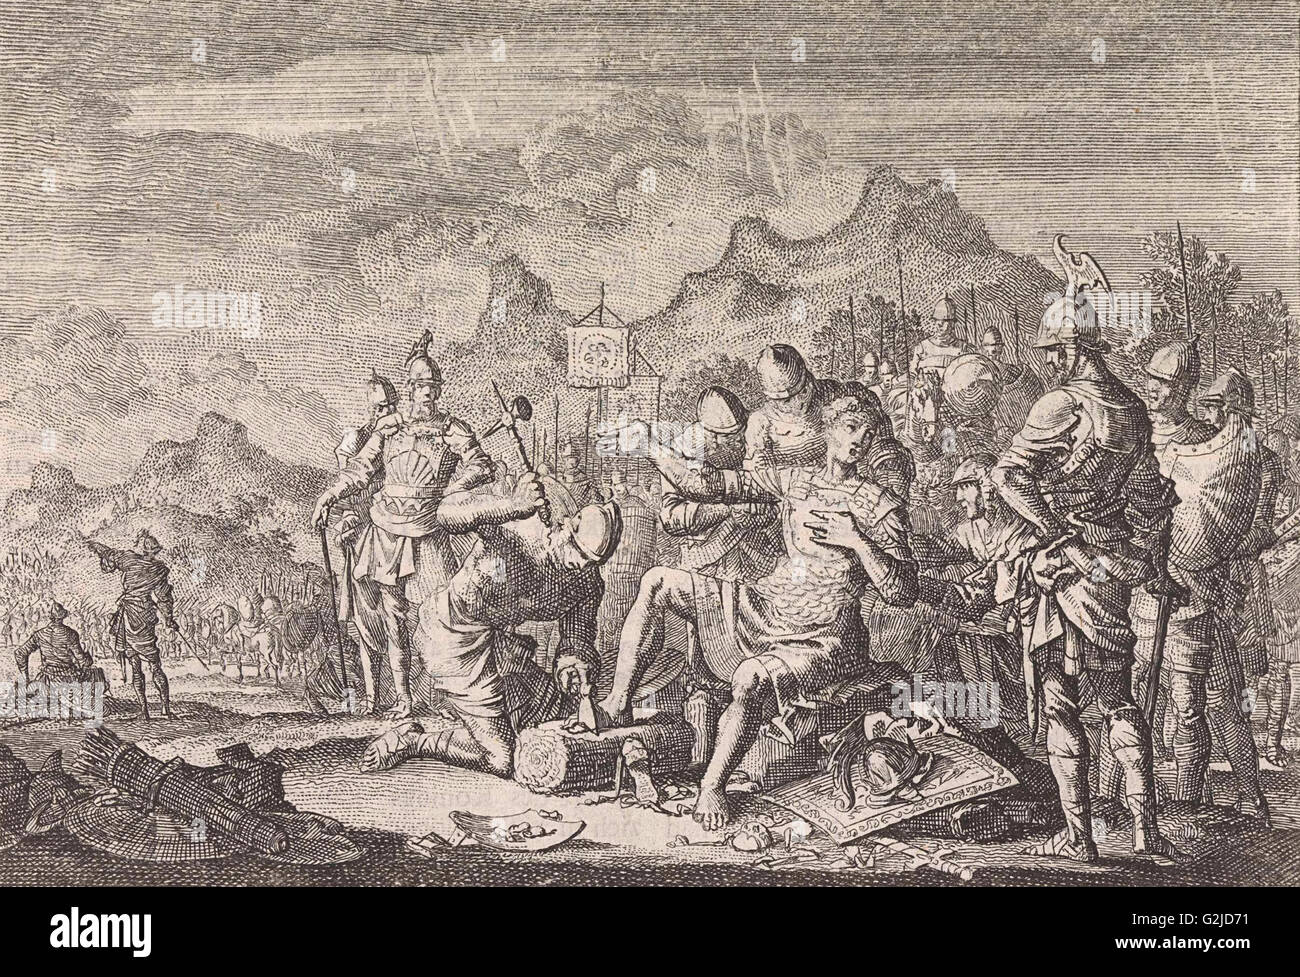 Mutilation of Adonibezek, Jan Luyken, Pieter Mortier, 1703 - 1762 - Stock Image